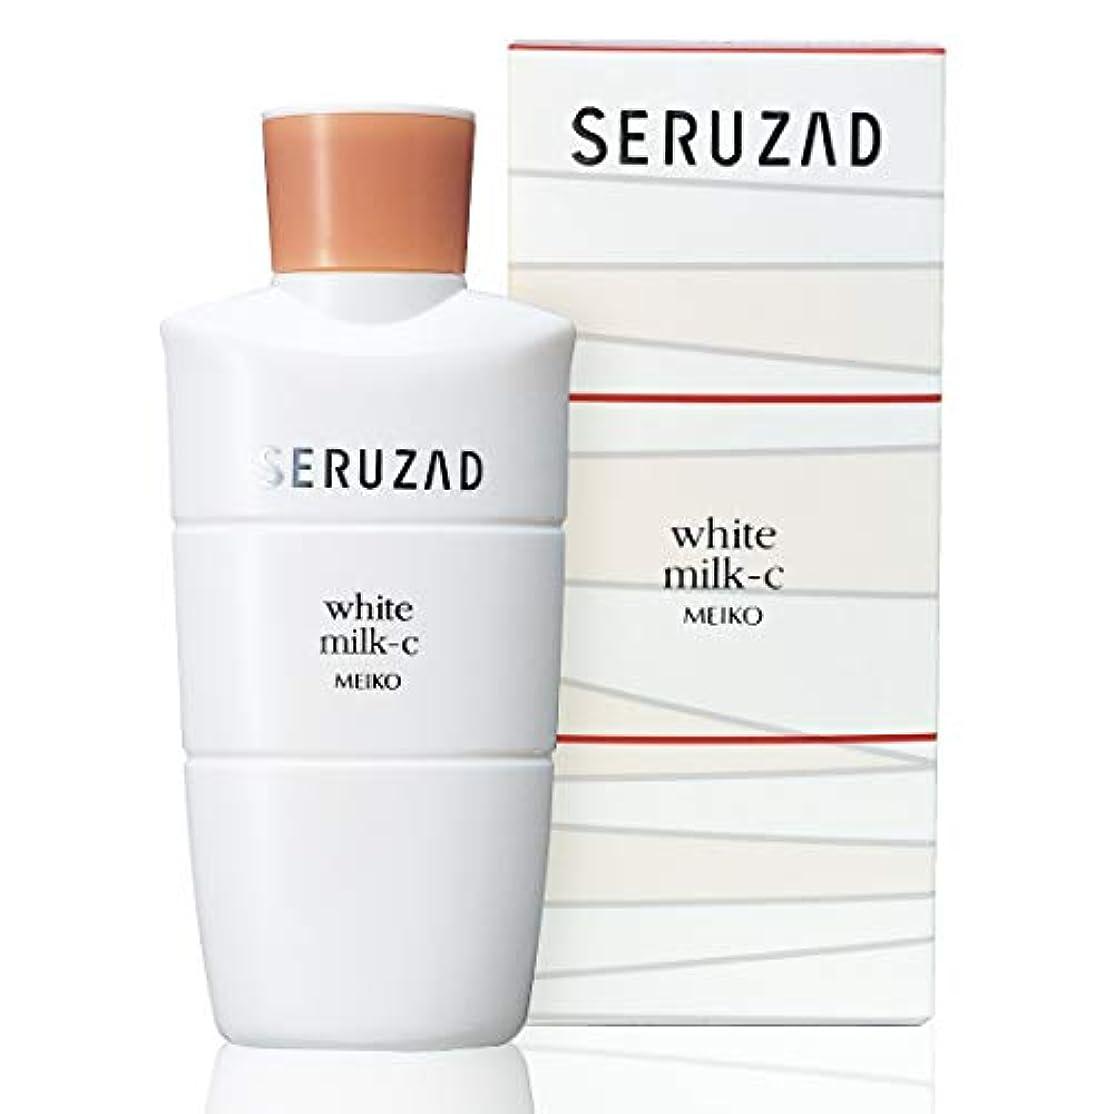 単位価格ひばり乳液 ホワイトミルクC(美白 透明感 保湿 シミ 薬用 医薬部外品 ) 【 セルザードホワイト 】